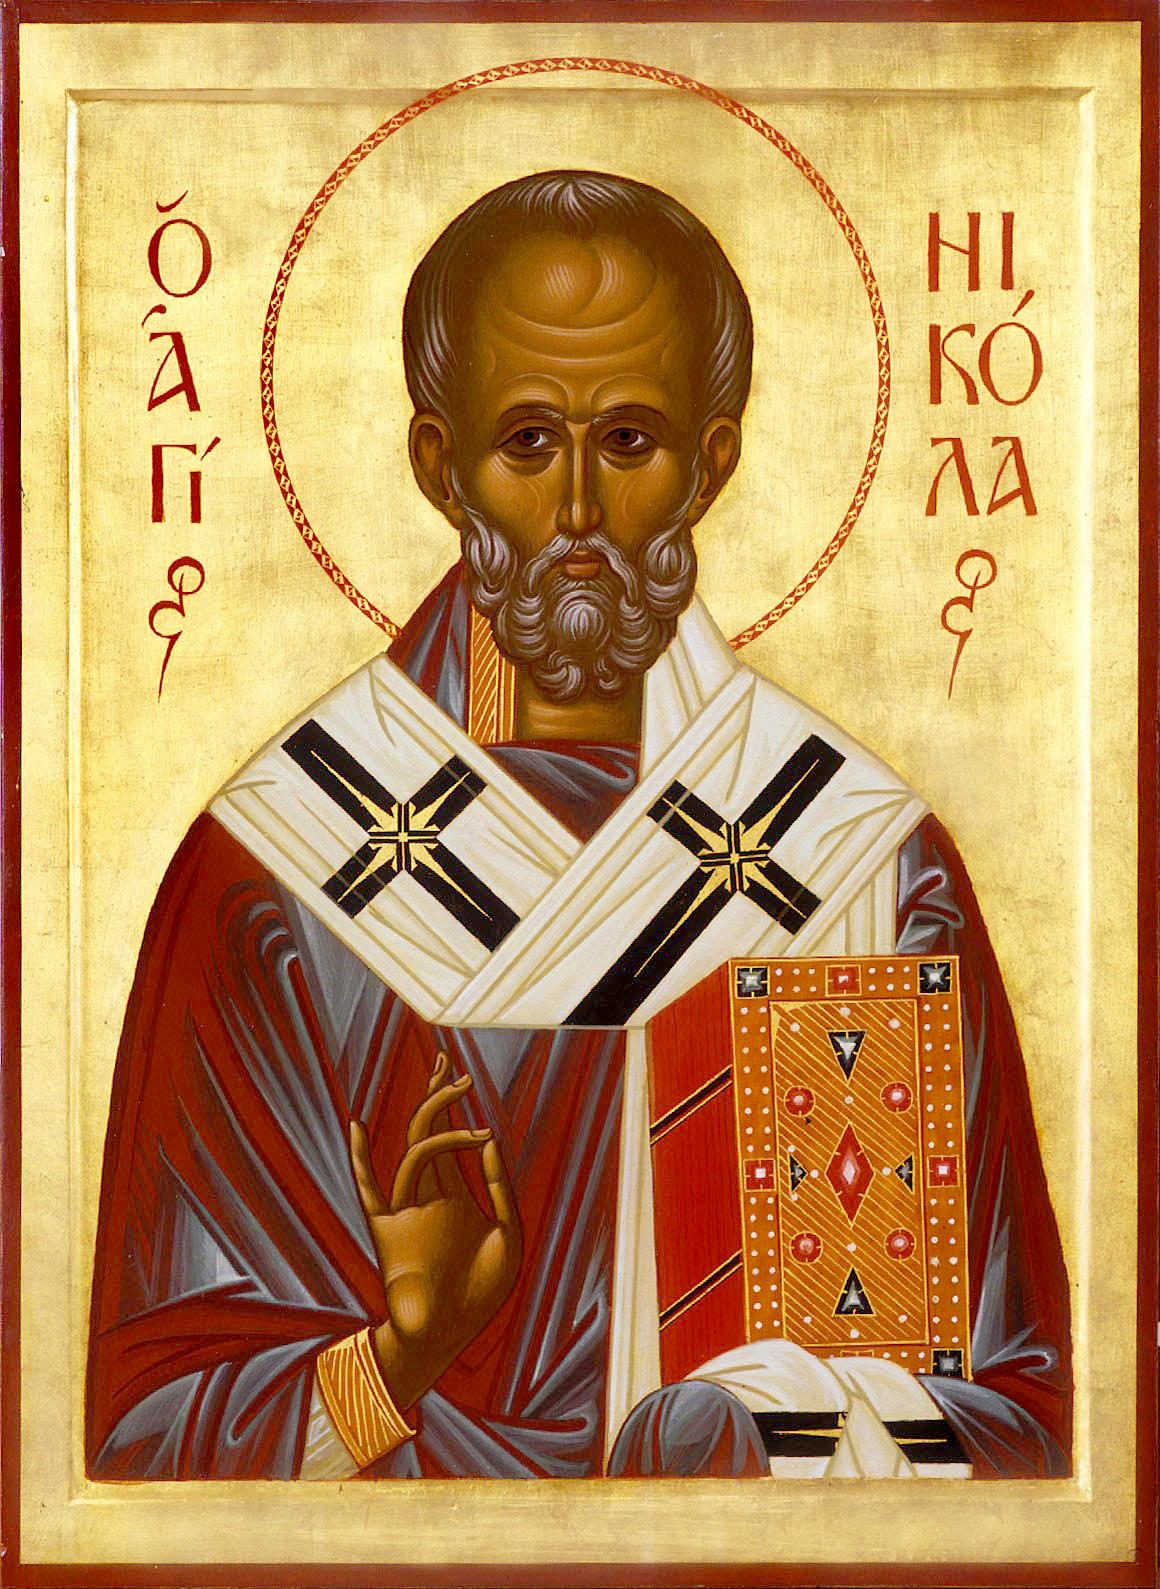 Святой Николай прославился множеством чудес